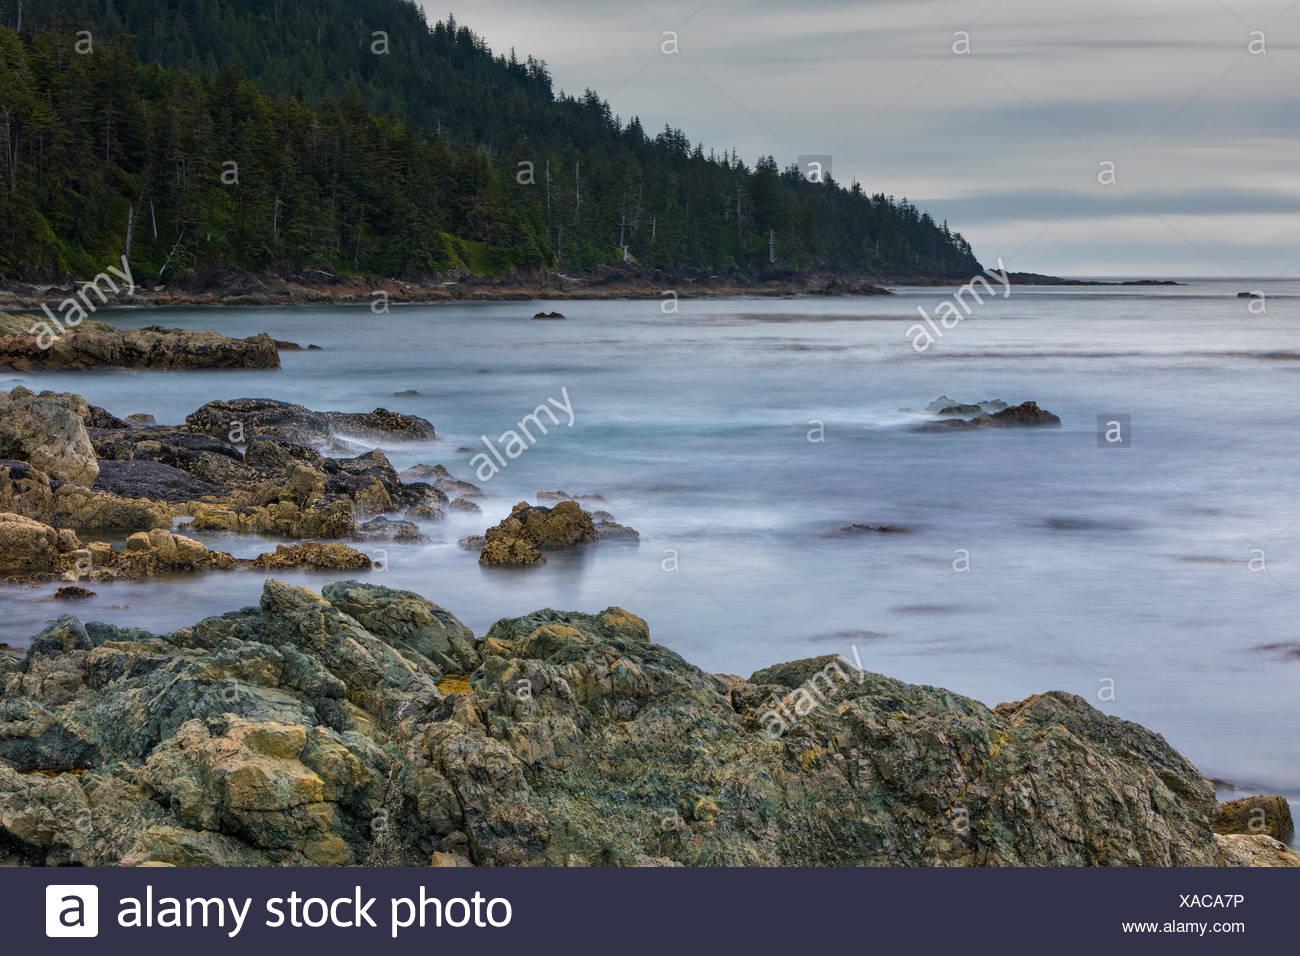 Friedliche bewölkten Tag am Cape Palmerston, nördlichen Vancouver Island, Britisch columbi, Kanada Stockbild